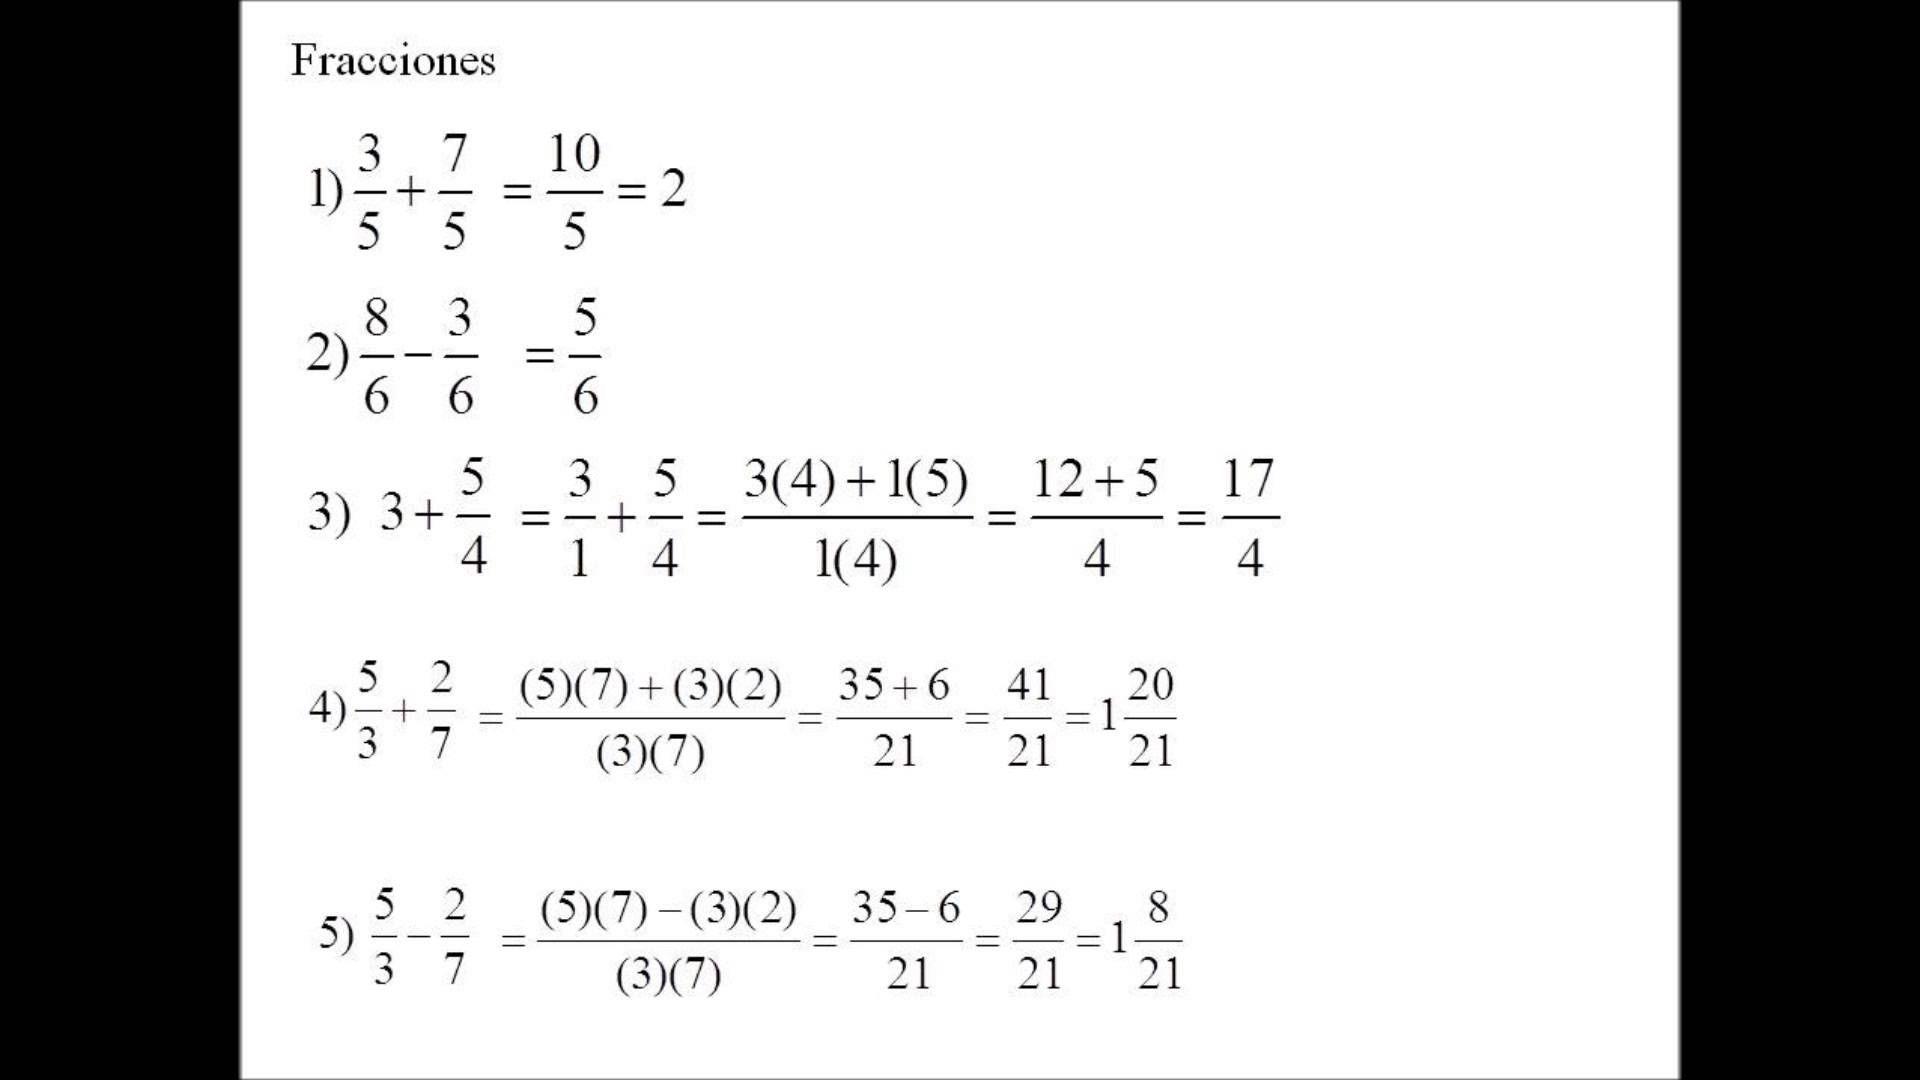 Fracciones Fracciones Fracciones Equivalentes Fraccion Propia